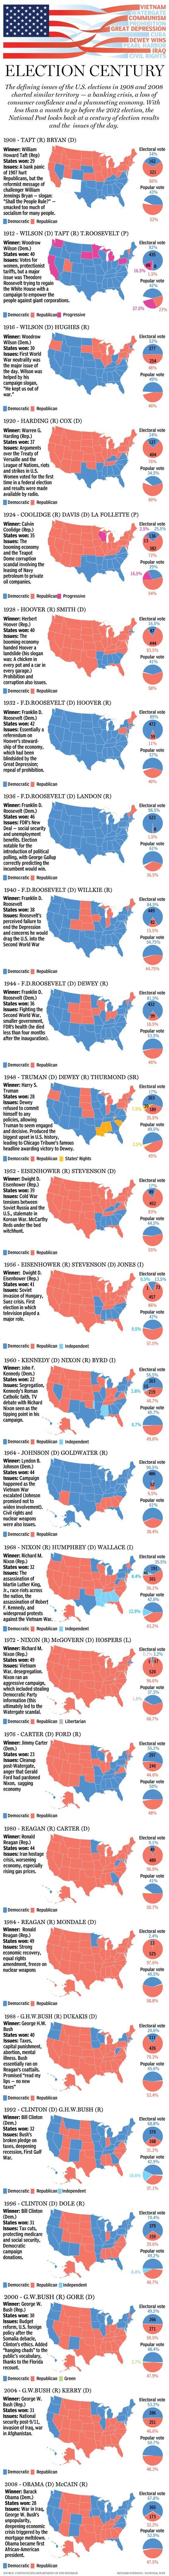 Un siglo de elecciones en EU, de un vistazo